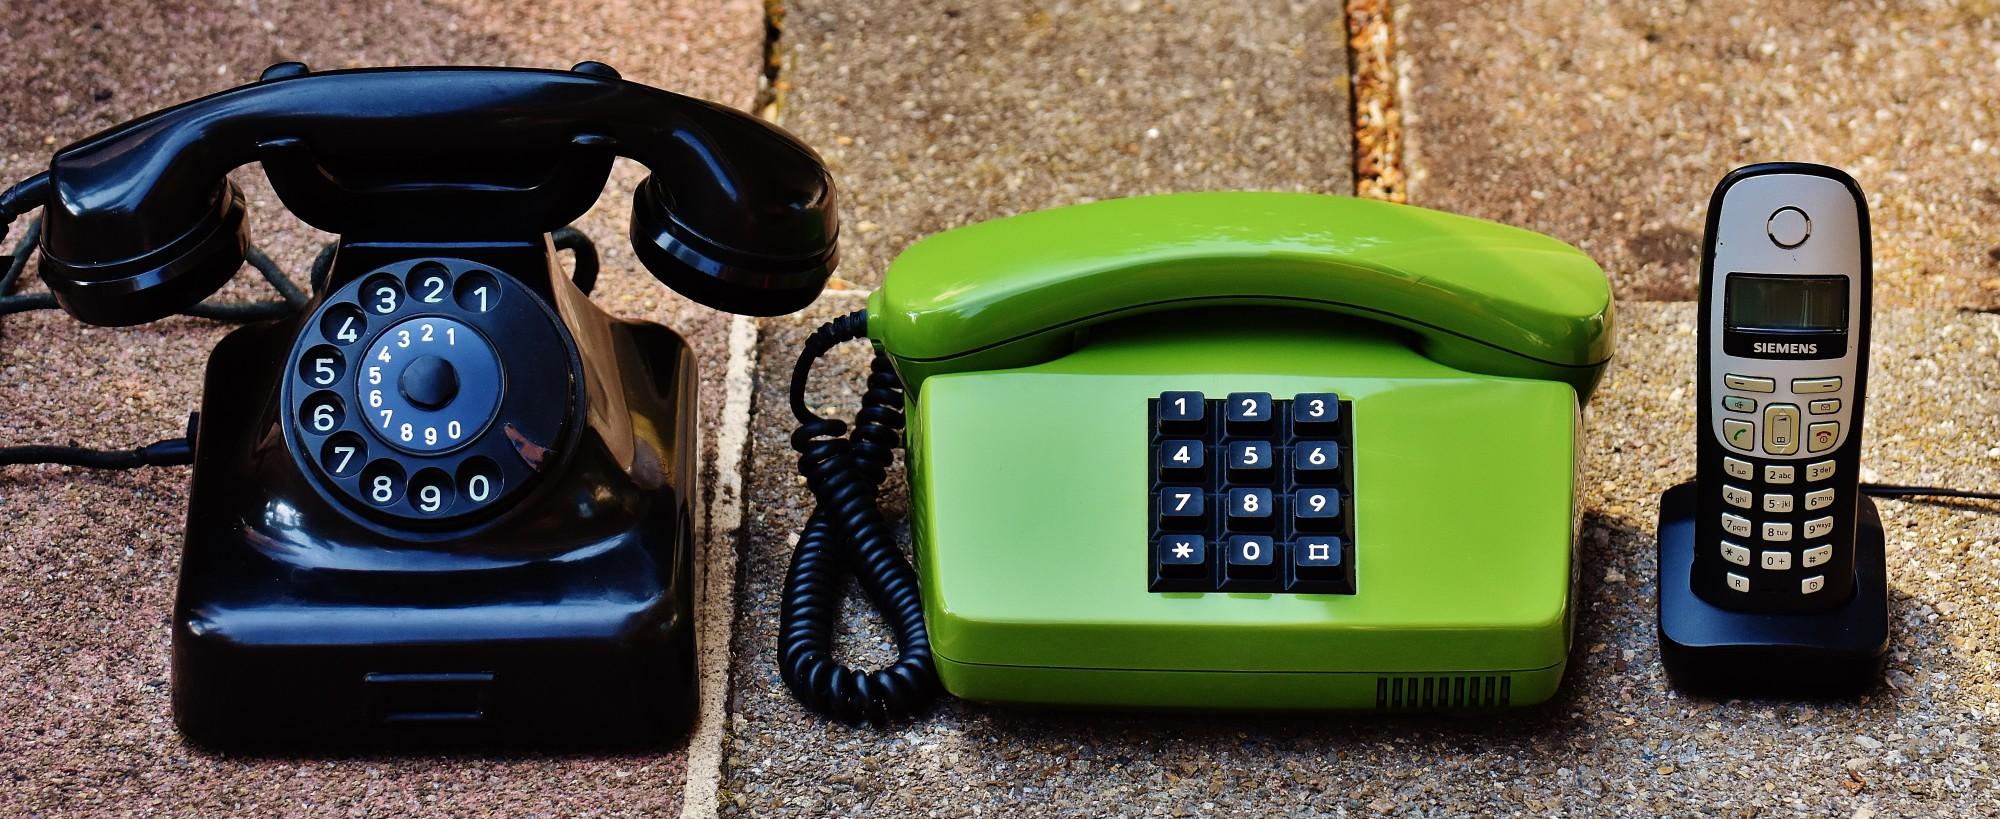 סקר טלפוני מיושן ומתאים למטרות ספציפיות מאוד.